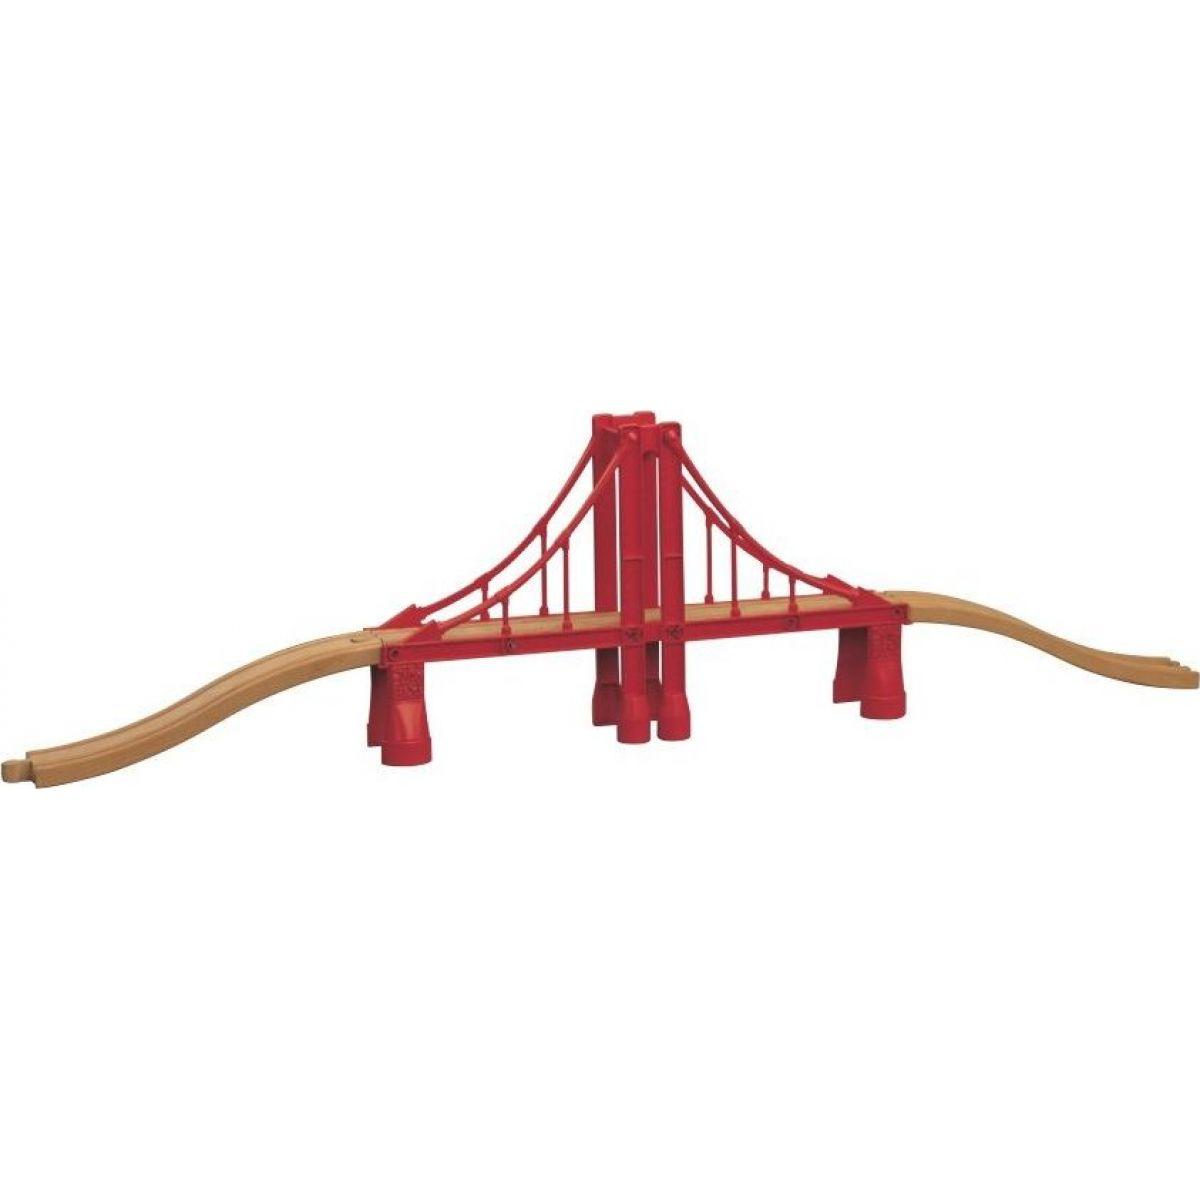 Most San Francisco MAXIM 50928